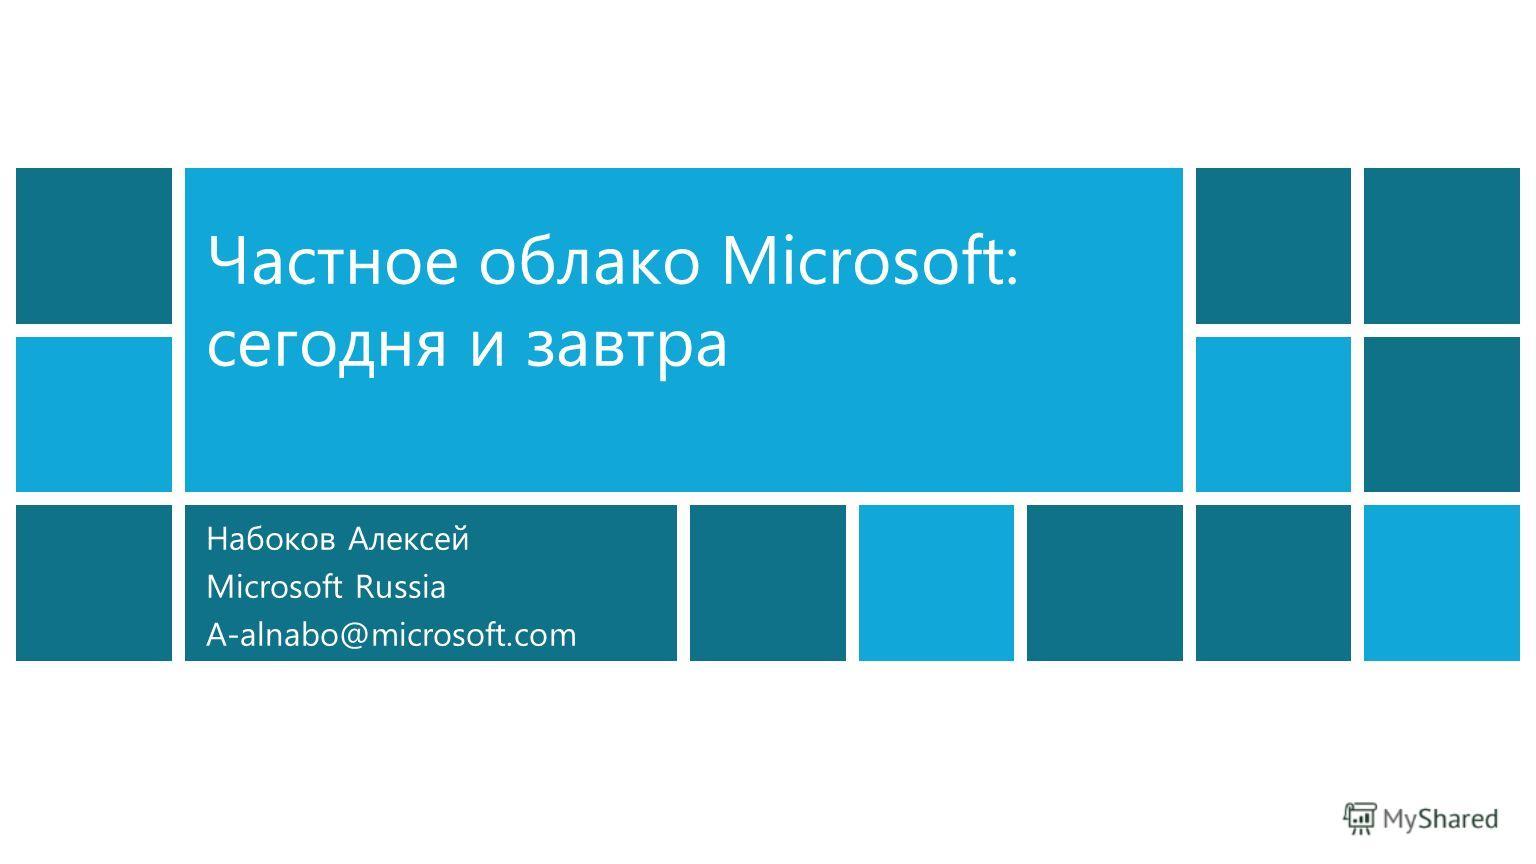 Набоков Алексей Microsoft Russia A-alnabo@microsoft.com Частное облако Microsoft: сегодня и завтра